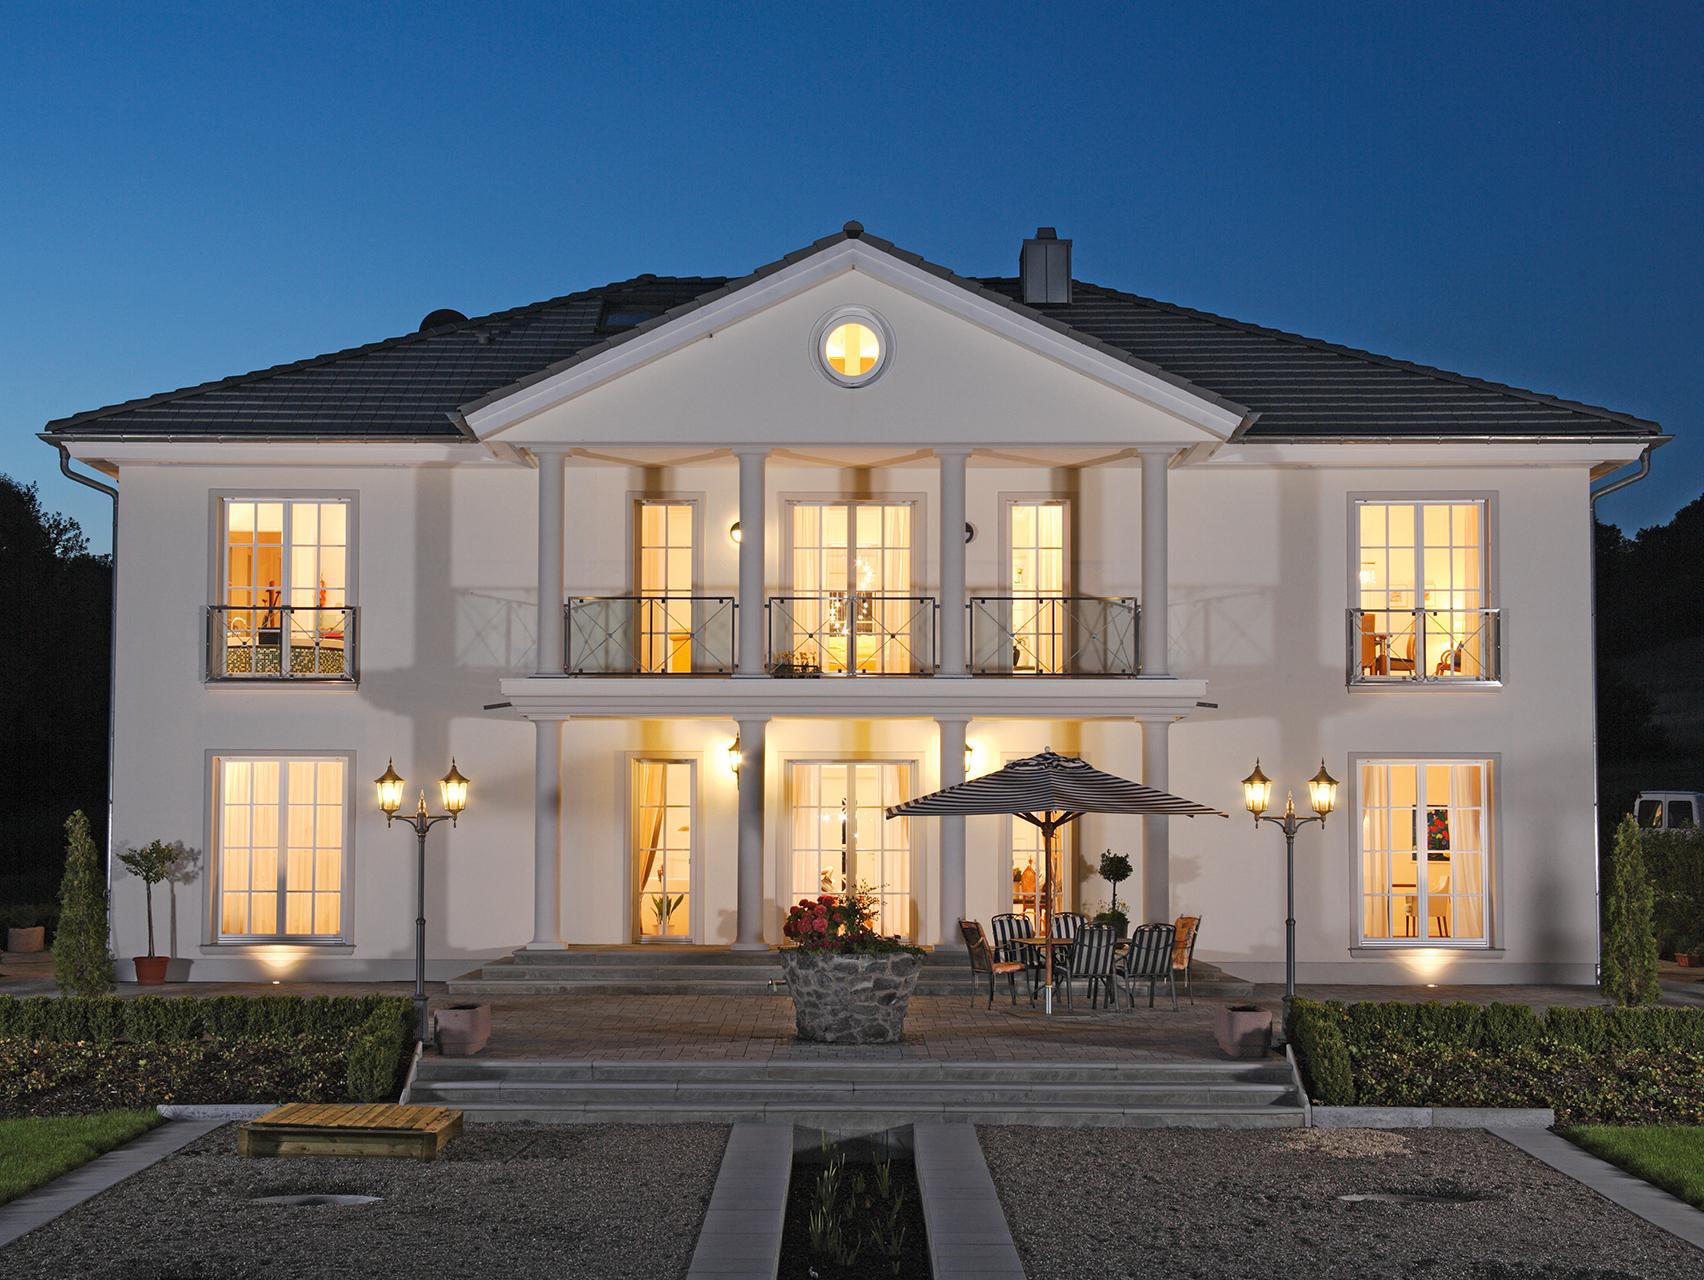 planungsvorschlag okal villa. Black Bedroom Furniture Sets. Home Design Ideas